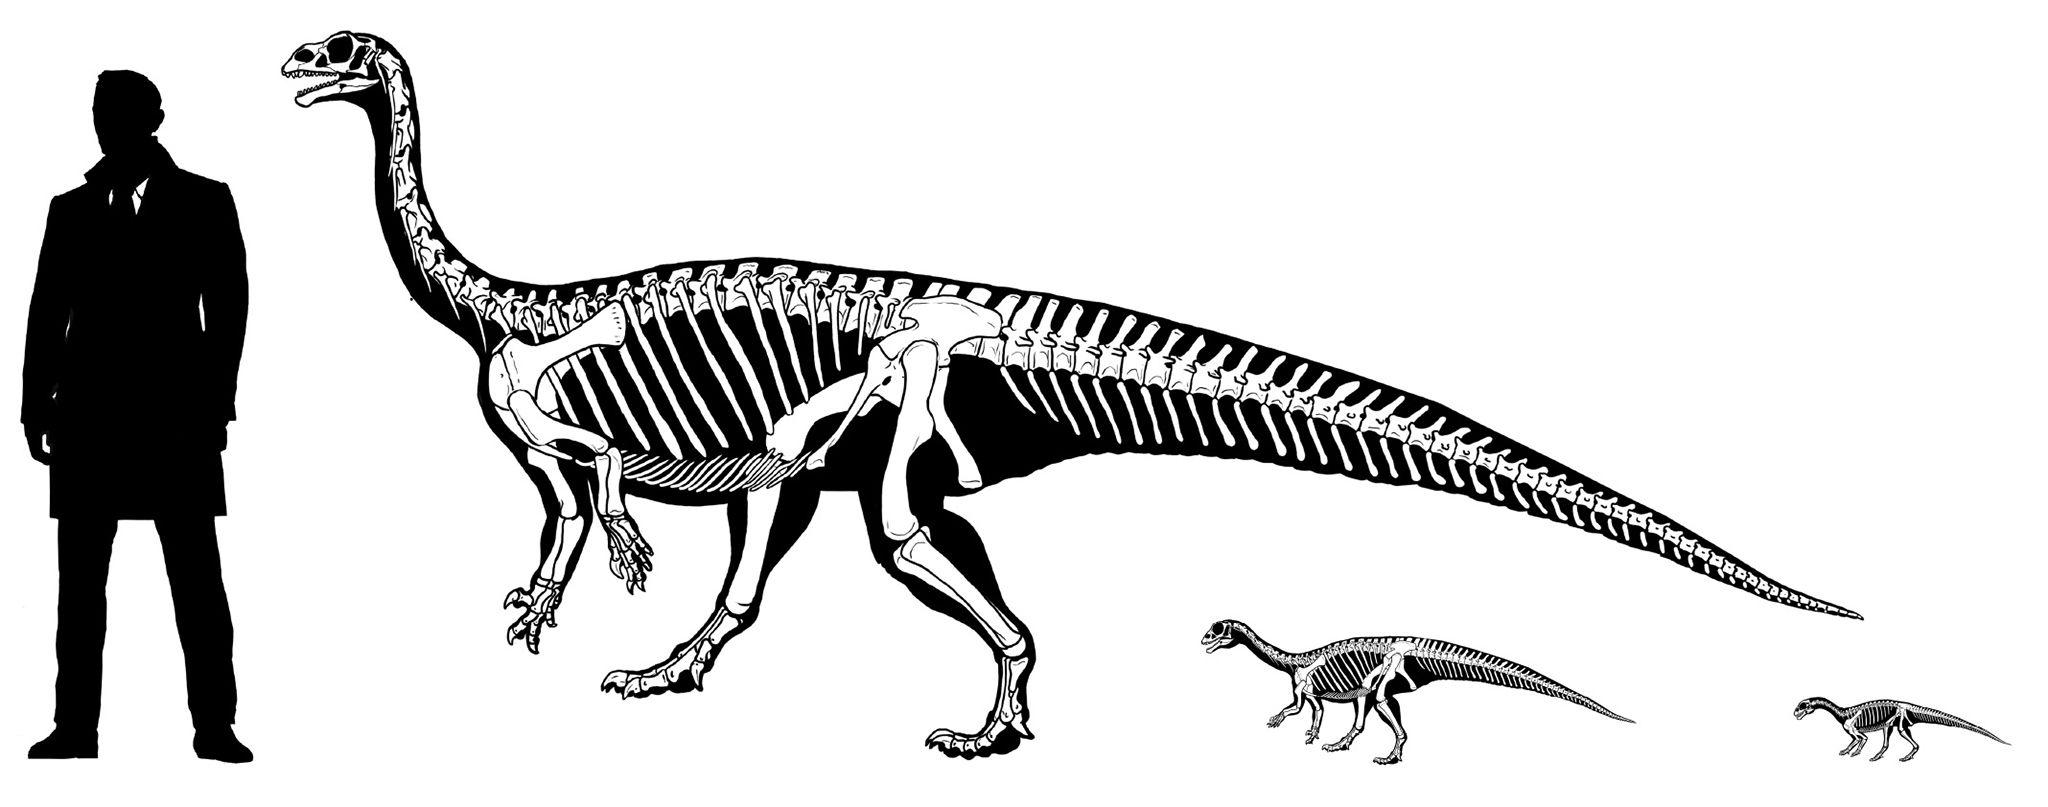 Wie ein Mensch: Dinosaurier lief erst auf vier, dann auf zwei Beinen